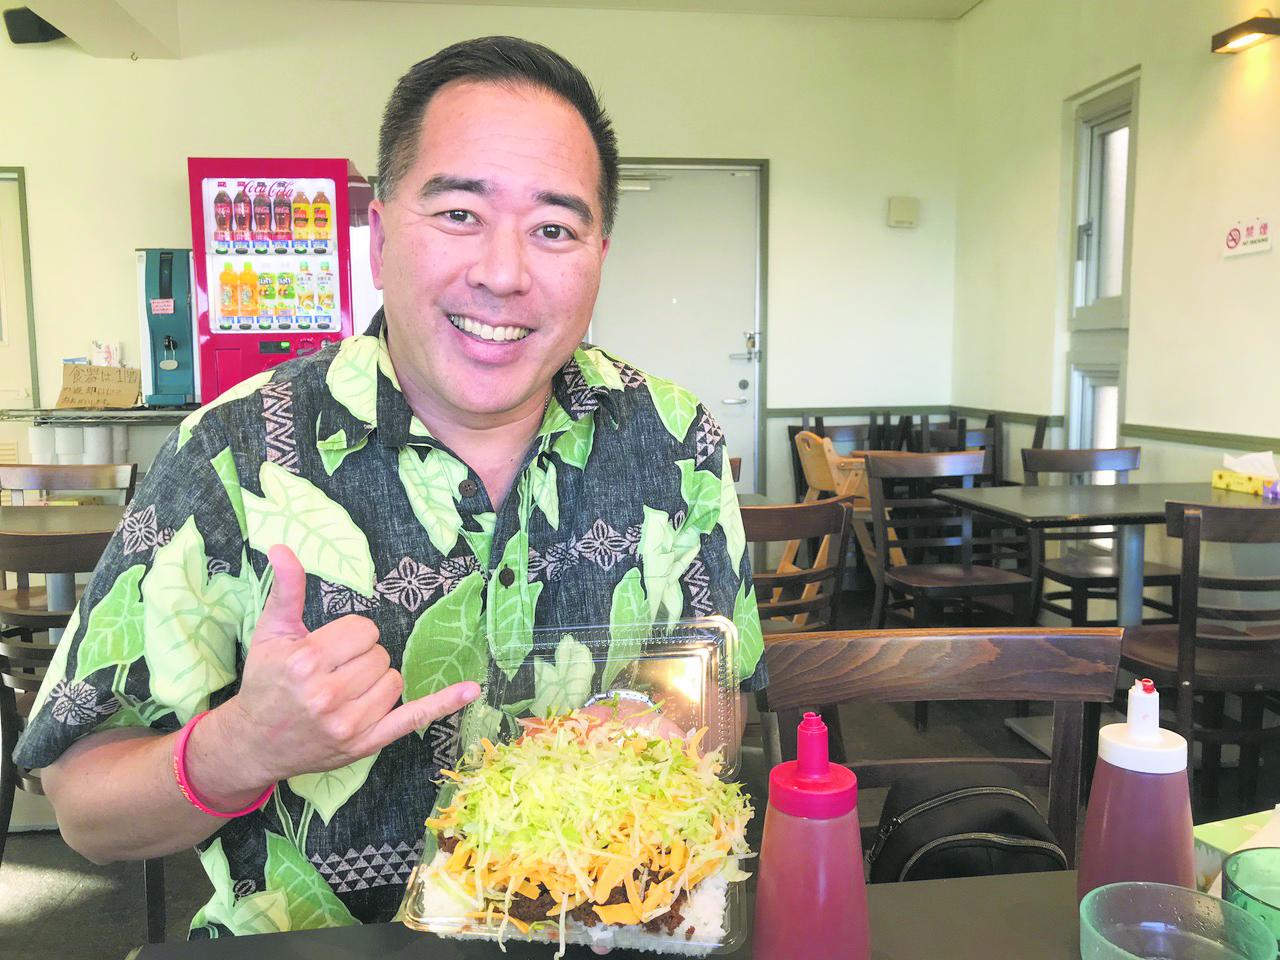 Colin's shaka-worth taco rice. Looks like he needs a bigger plate.